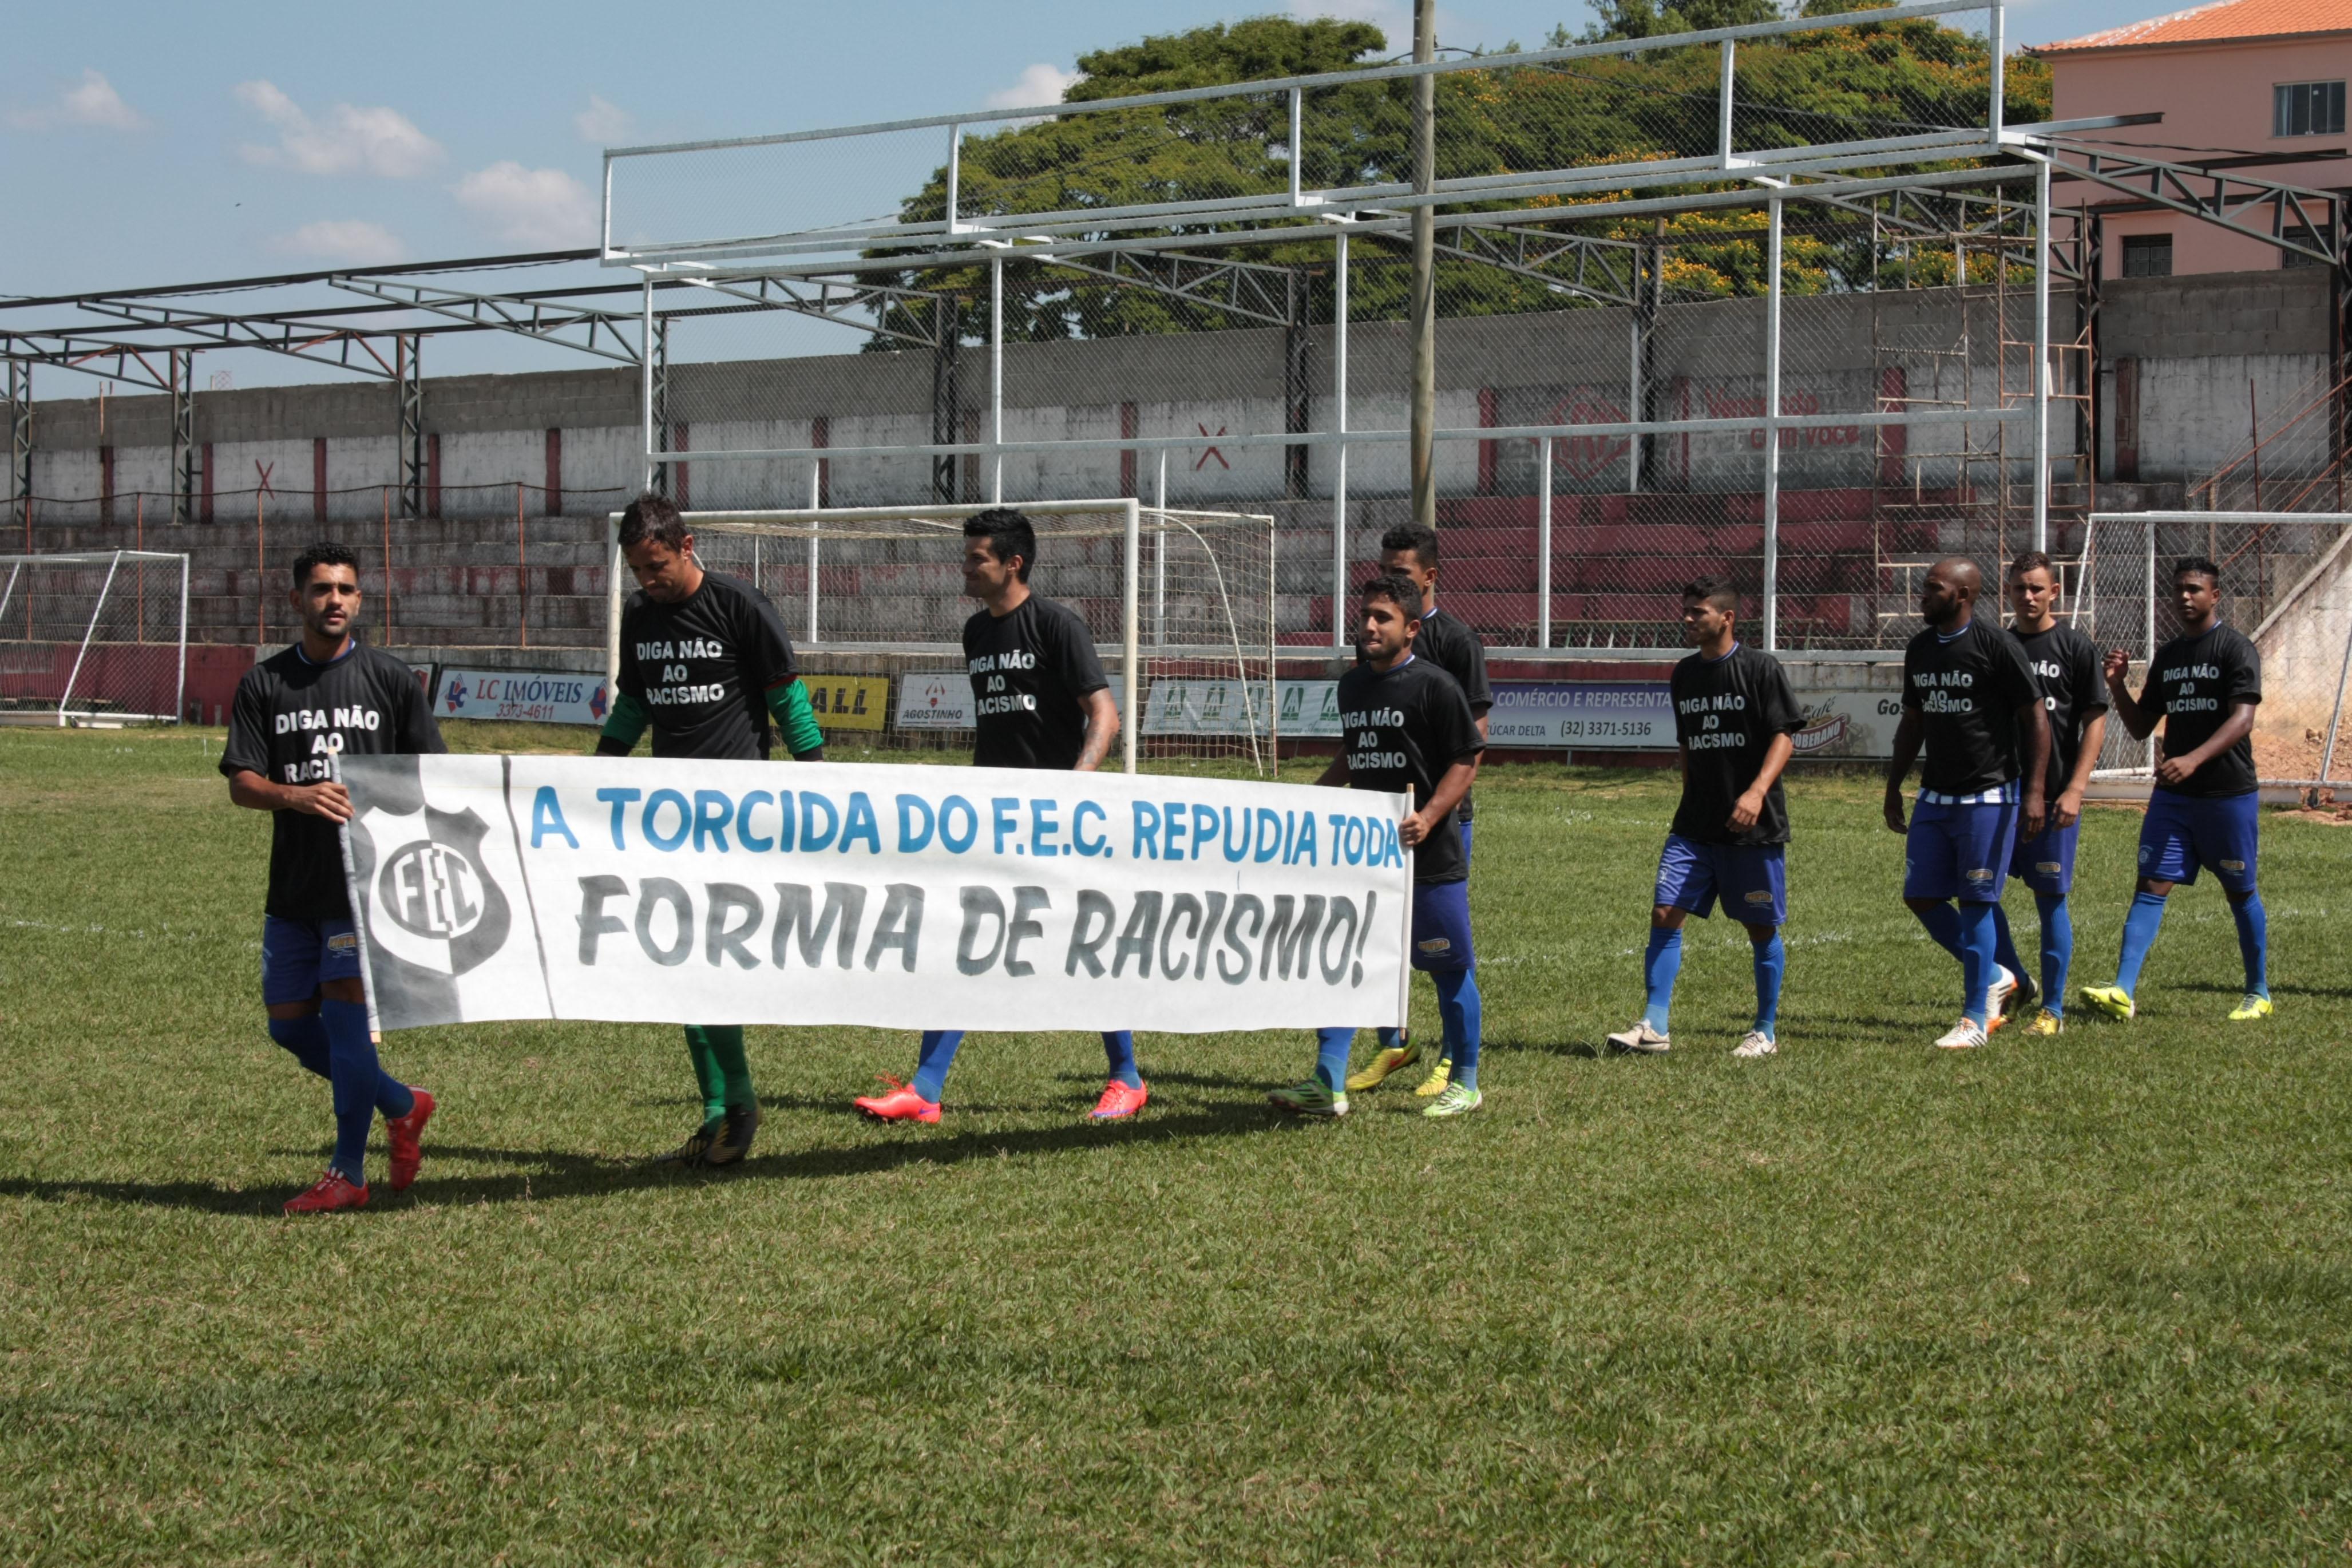 Aplaudida pela torcida, equipe do Formiga praticou ato contra racismo